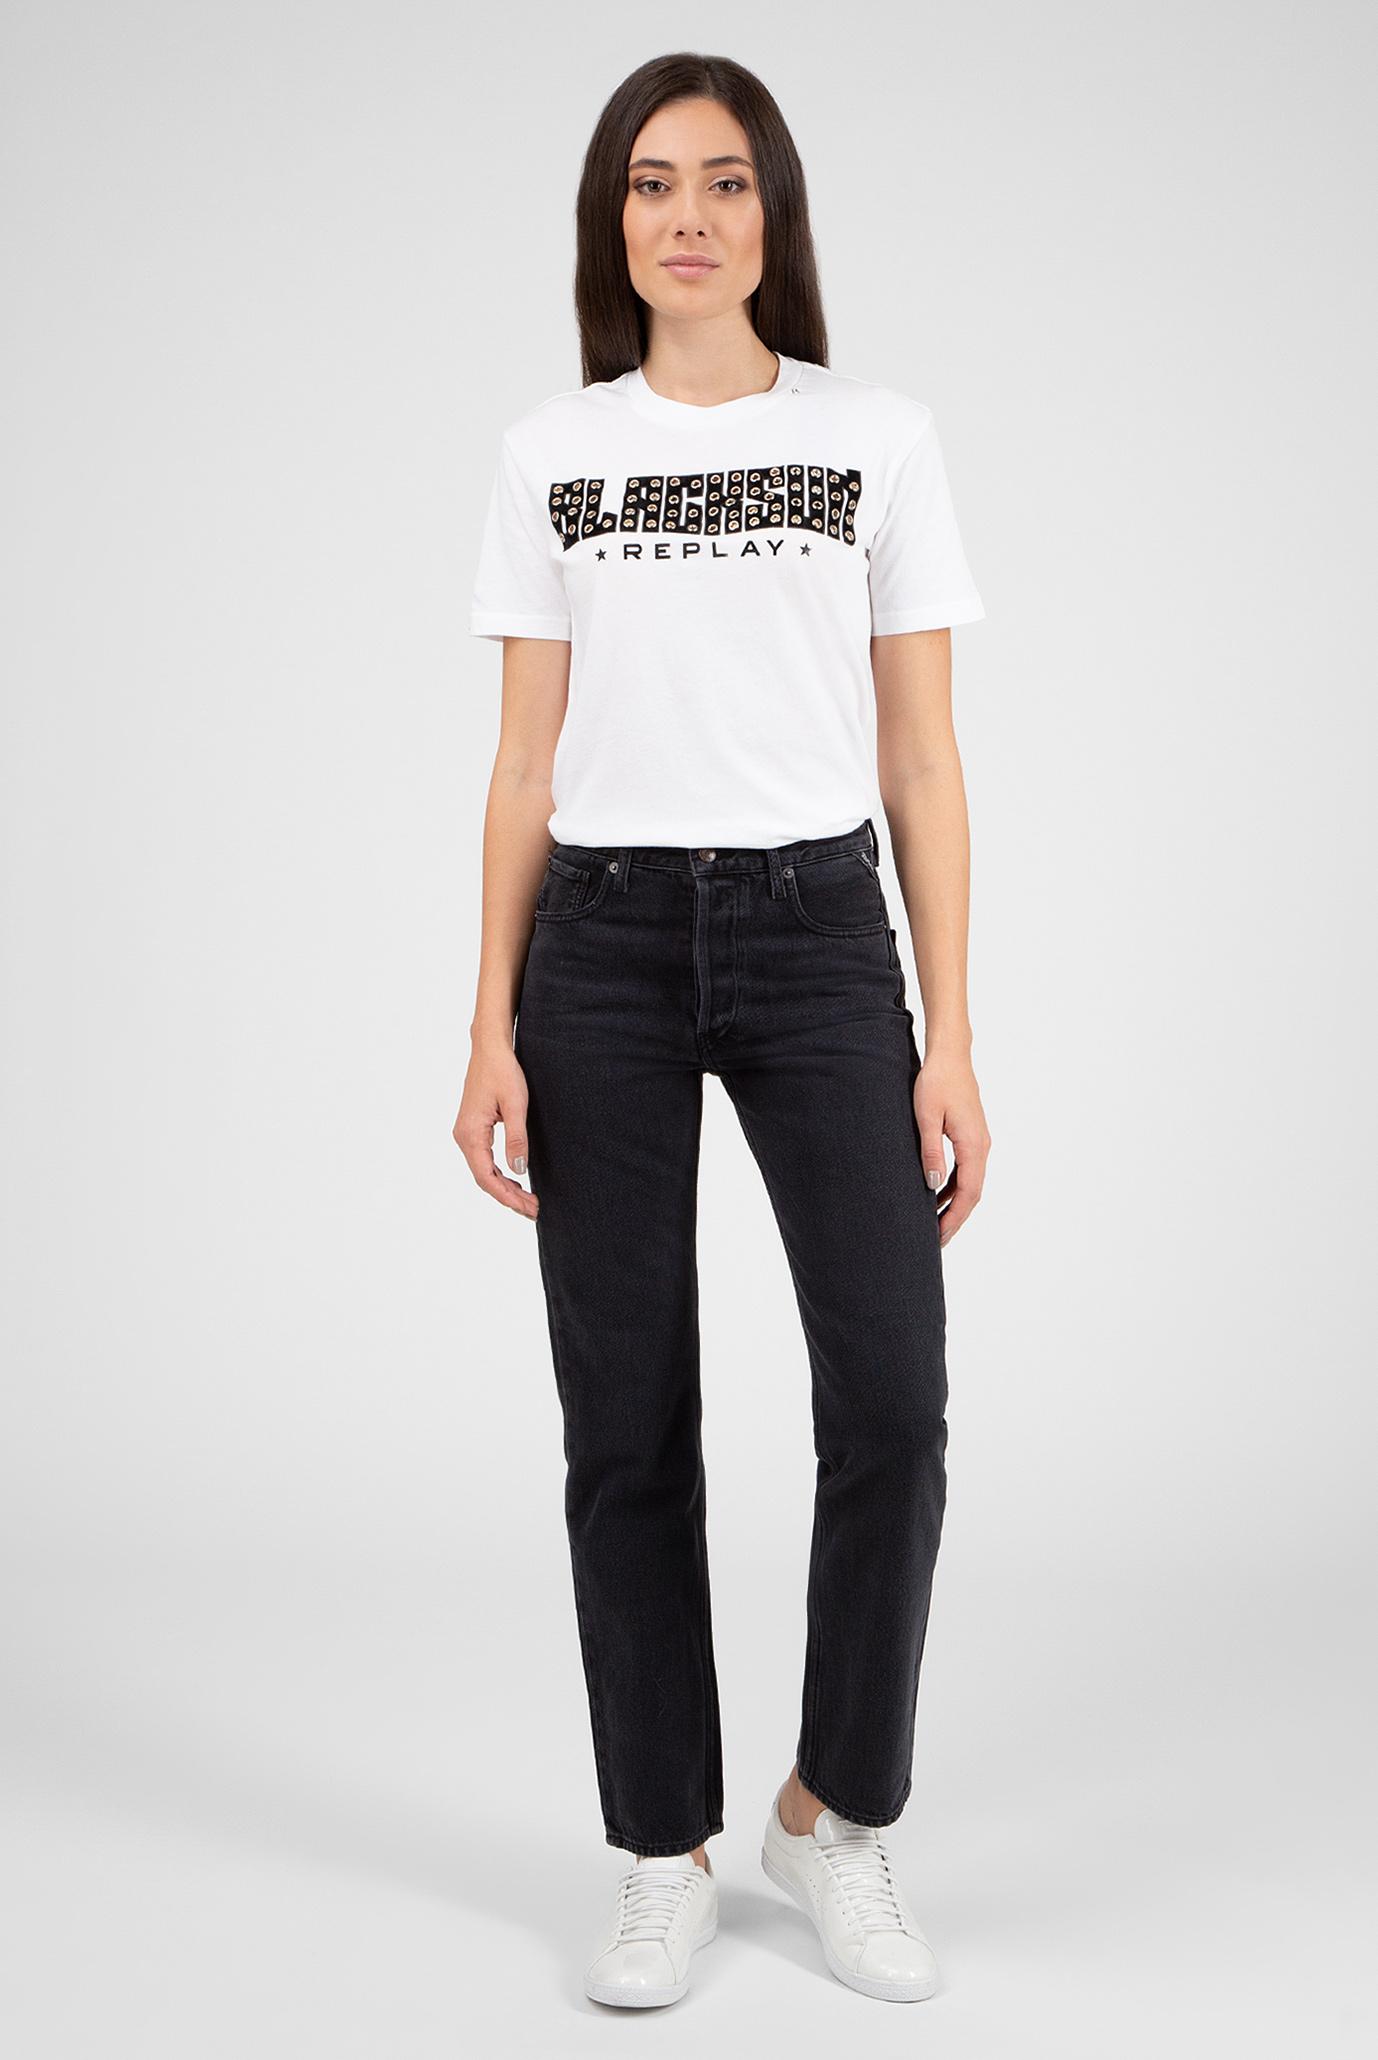 Купить Женские черные джинсы ALEXYS Replay Replay WA678 .000.138 321 – Киев, Украина. Цены в интернет магазине MD Fashion